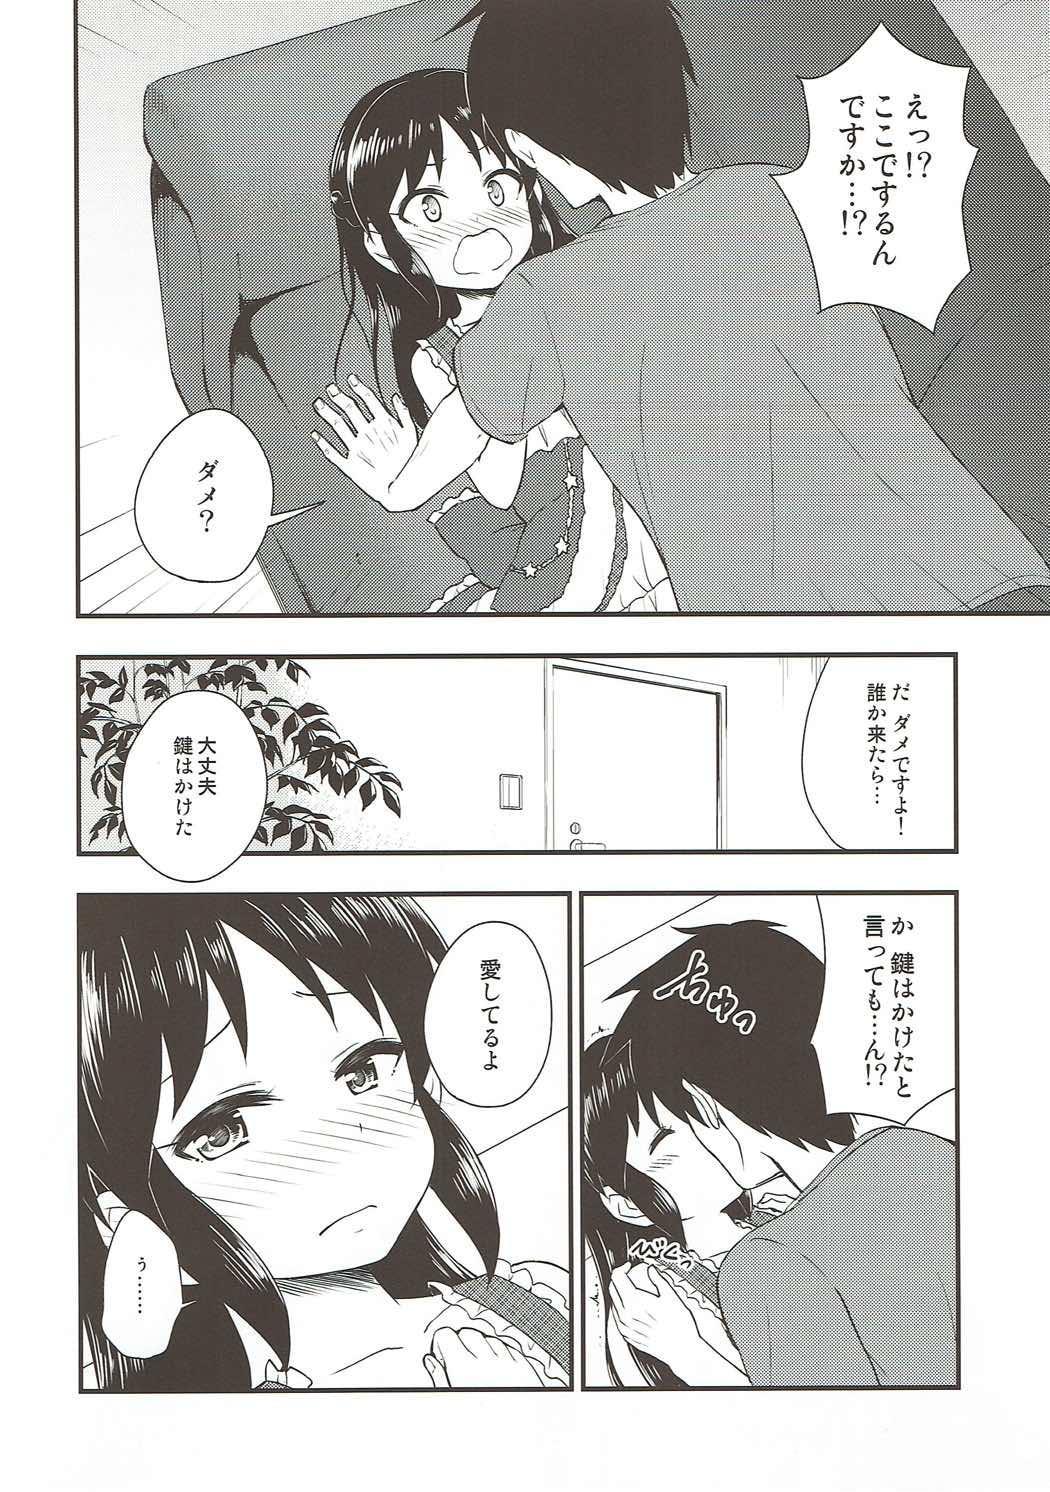 Arisu no Seiya no Negaigoto 4